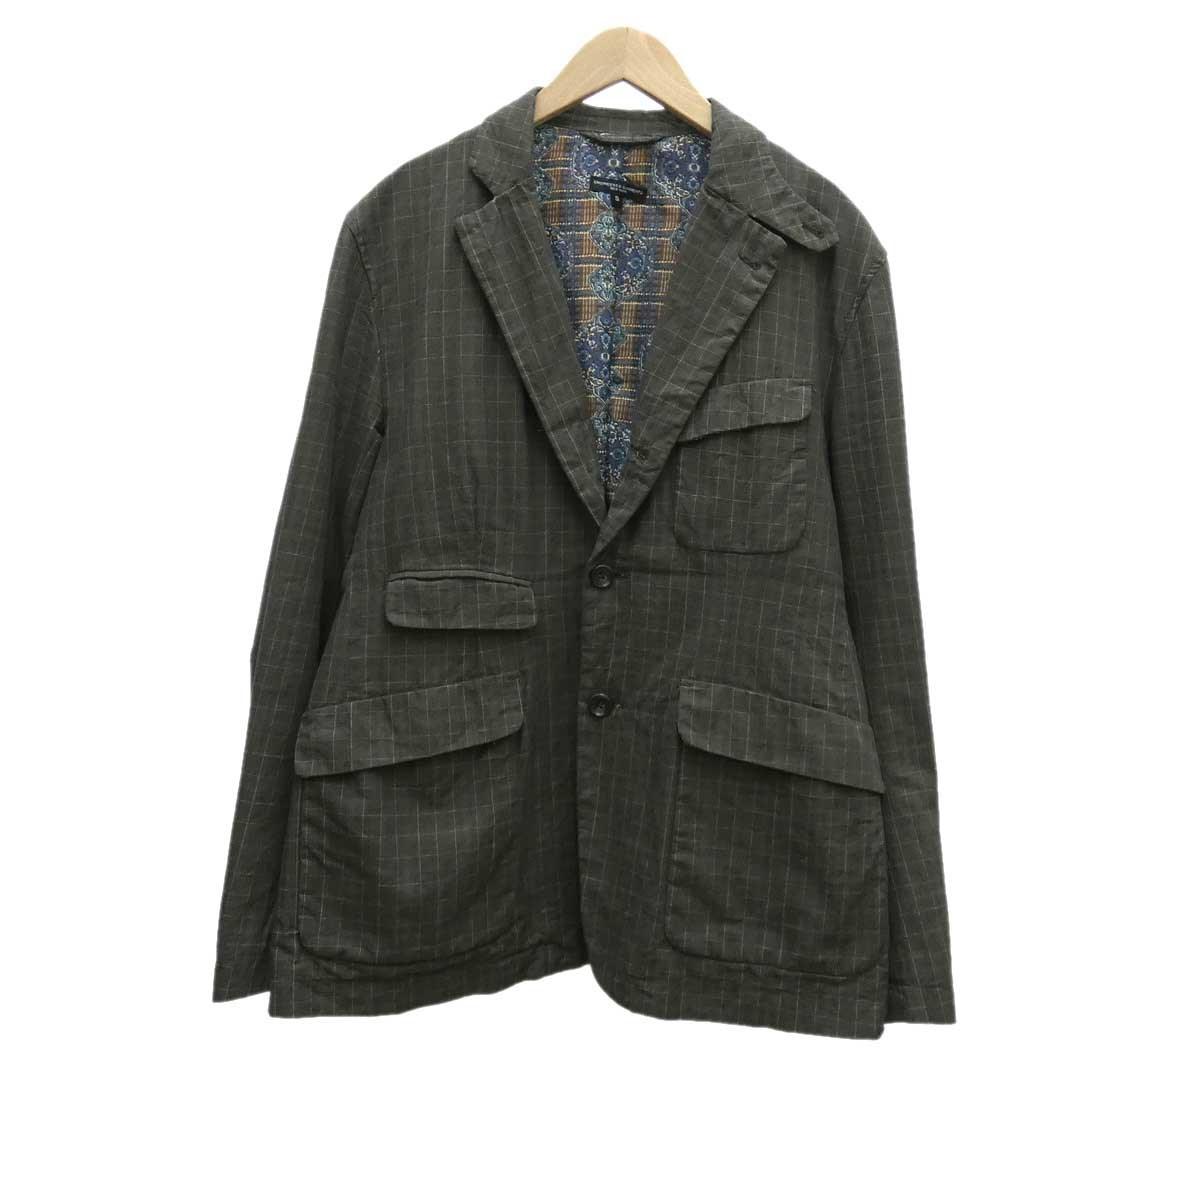 【中古】Engineered Garments Andover Jacket ブラウン サイズ:S 【200320】(エンジニアードガーメンツ)